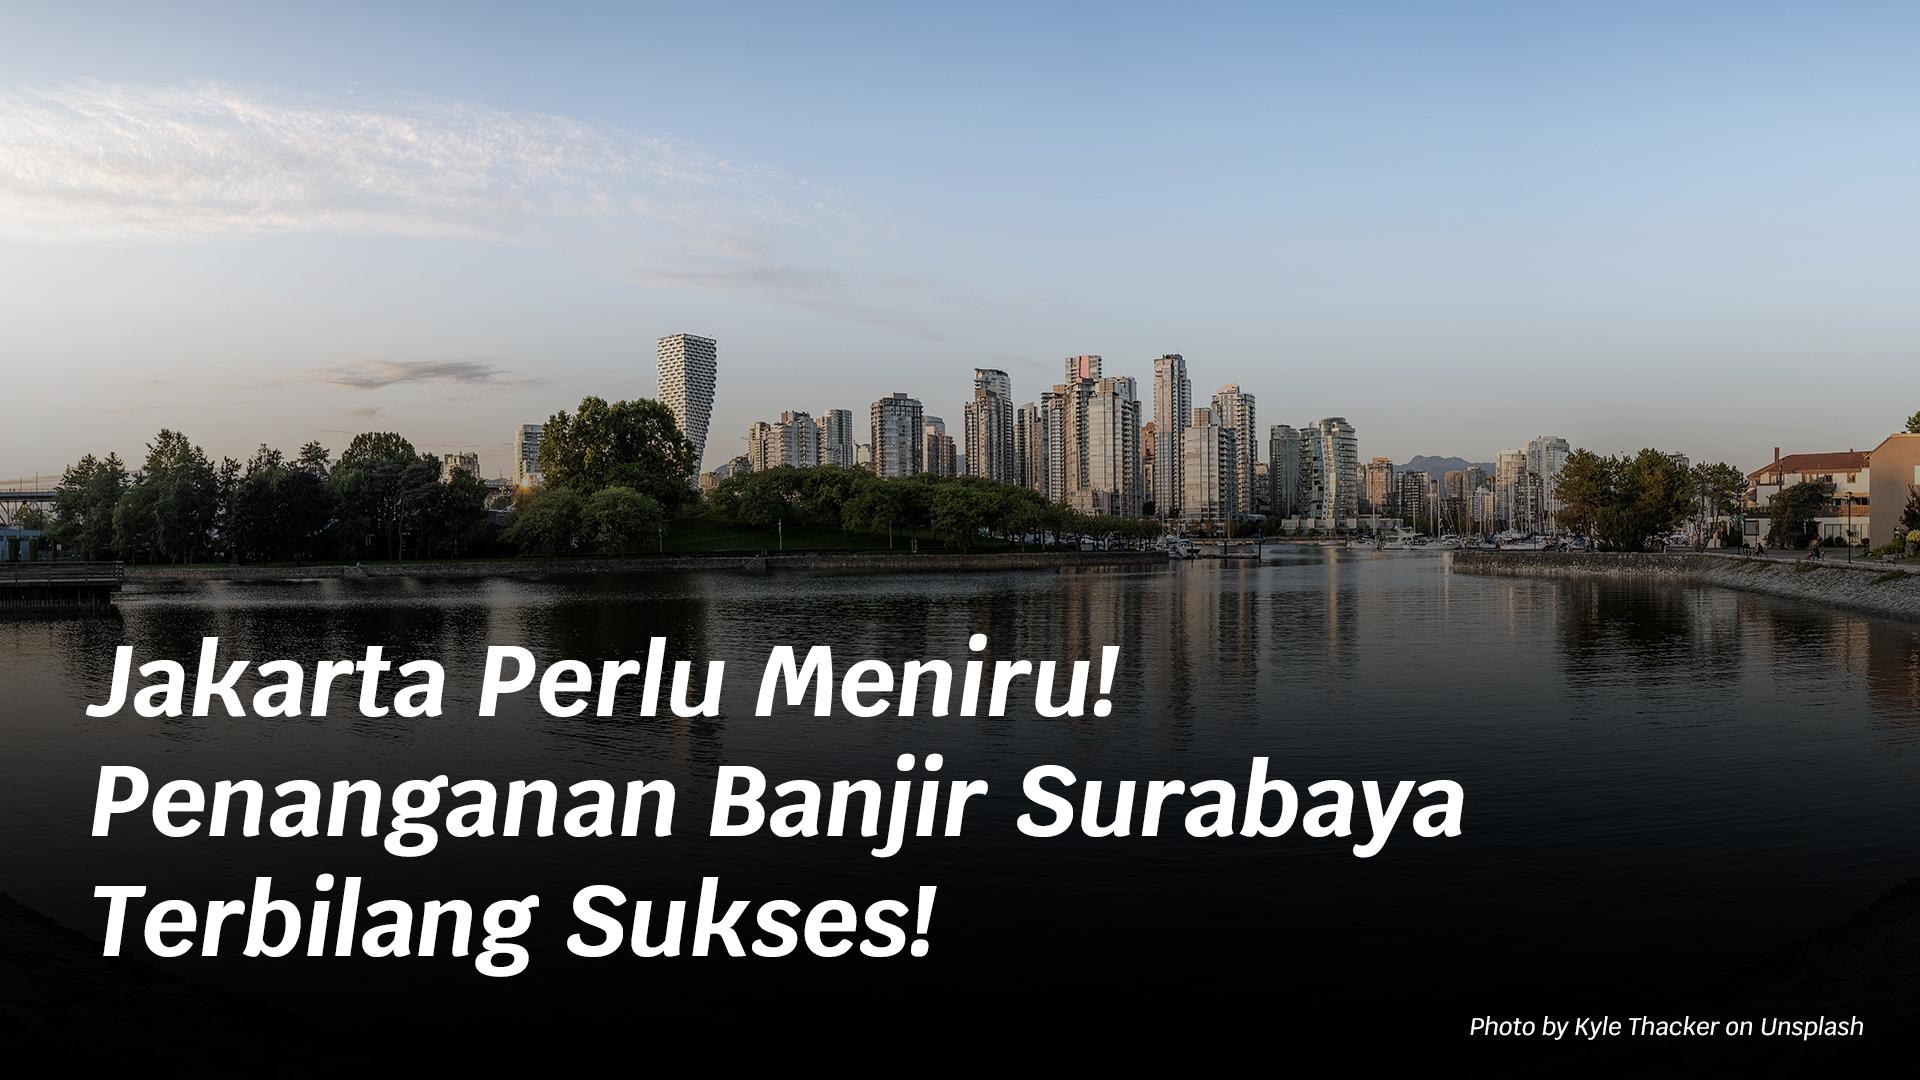 Jakarta Perlu Meniru! Penanganan Banjir Surabaya Terbilang Sukses!